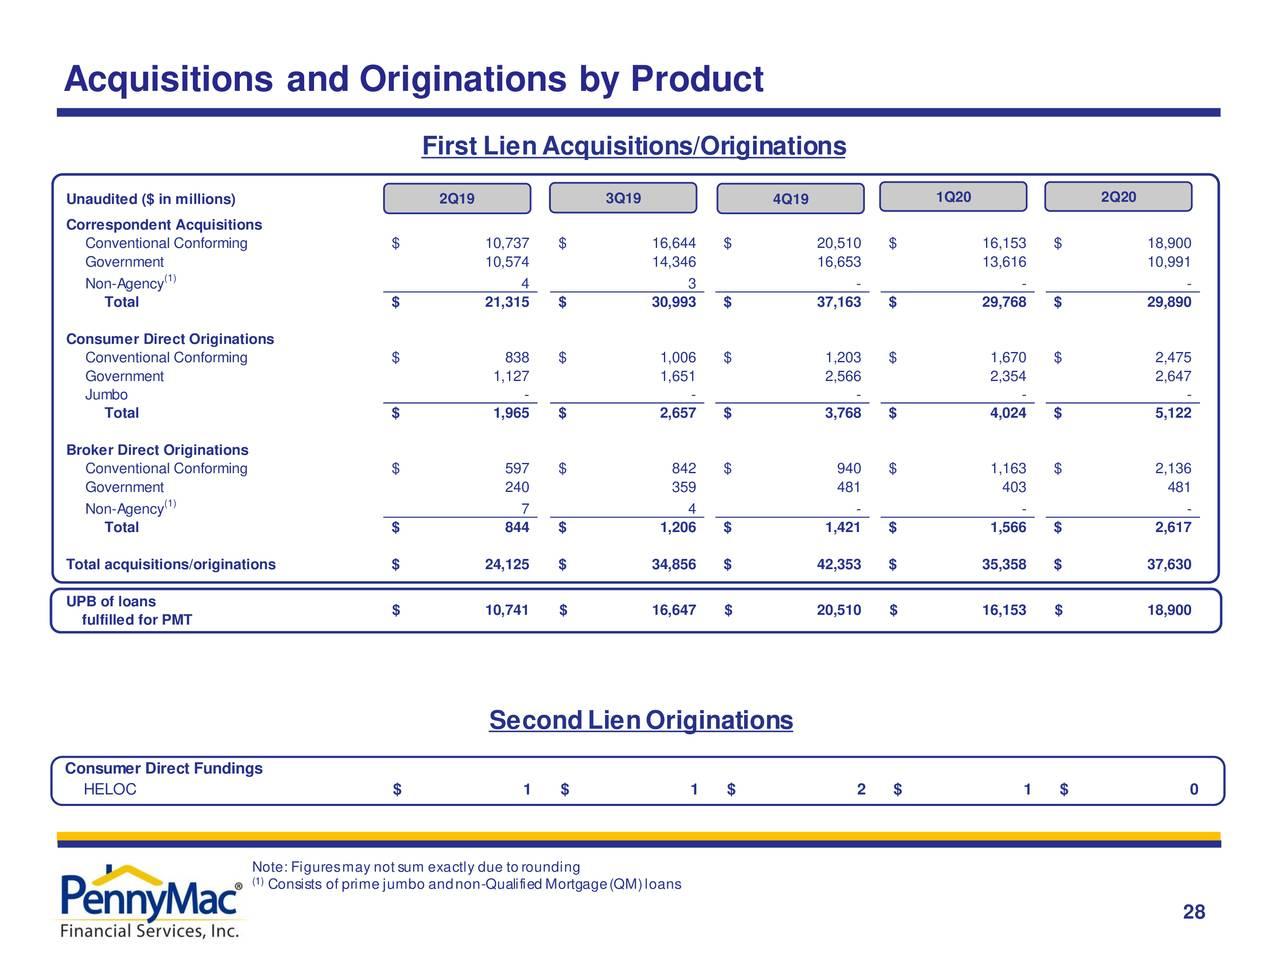 Adquisiciones y originaciones por producto